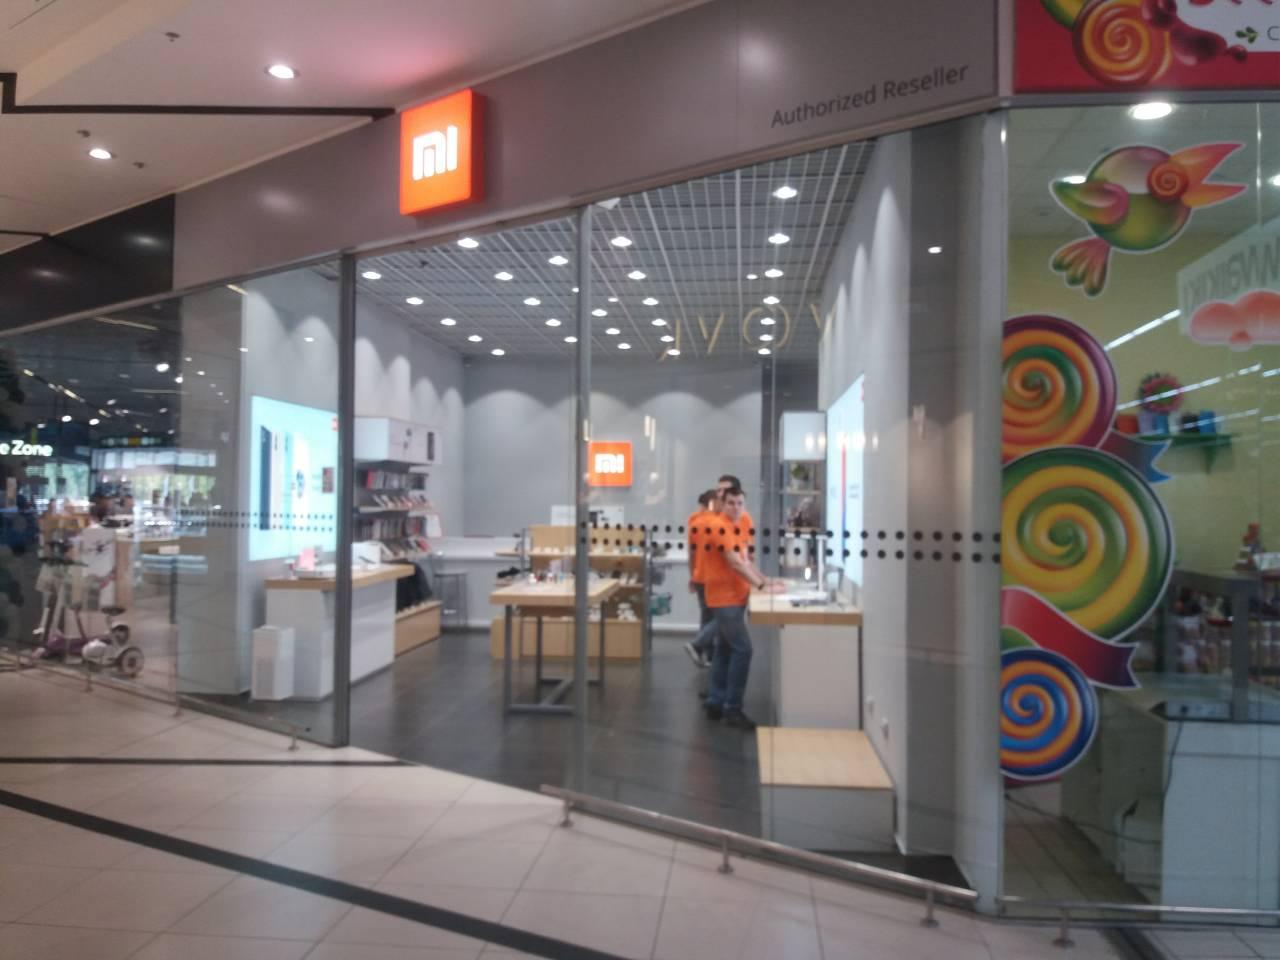 Источник фото  пресс-релиз компании. Первый магазин Xiaomi в Запорожье 1c0b47ba3bb40